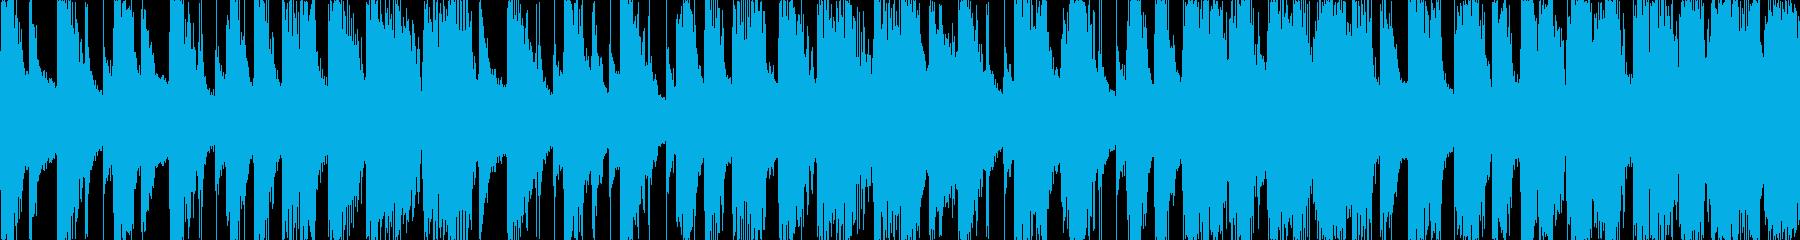 ハロウィン 怪しい感じ ループ曲  L1の再生済みの波形